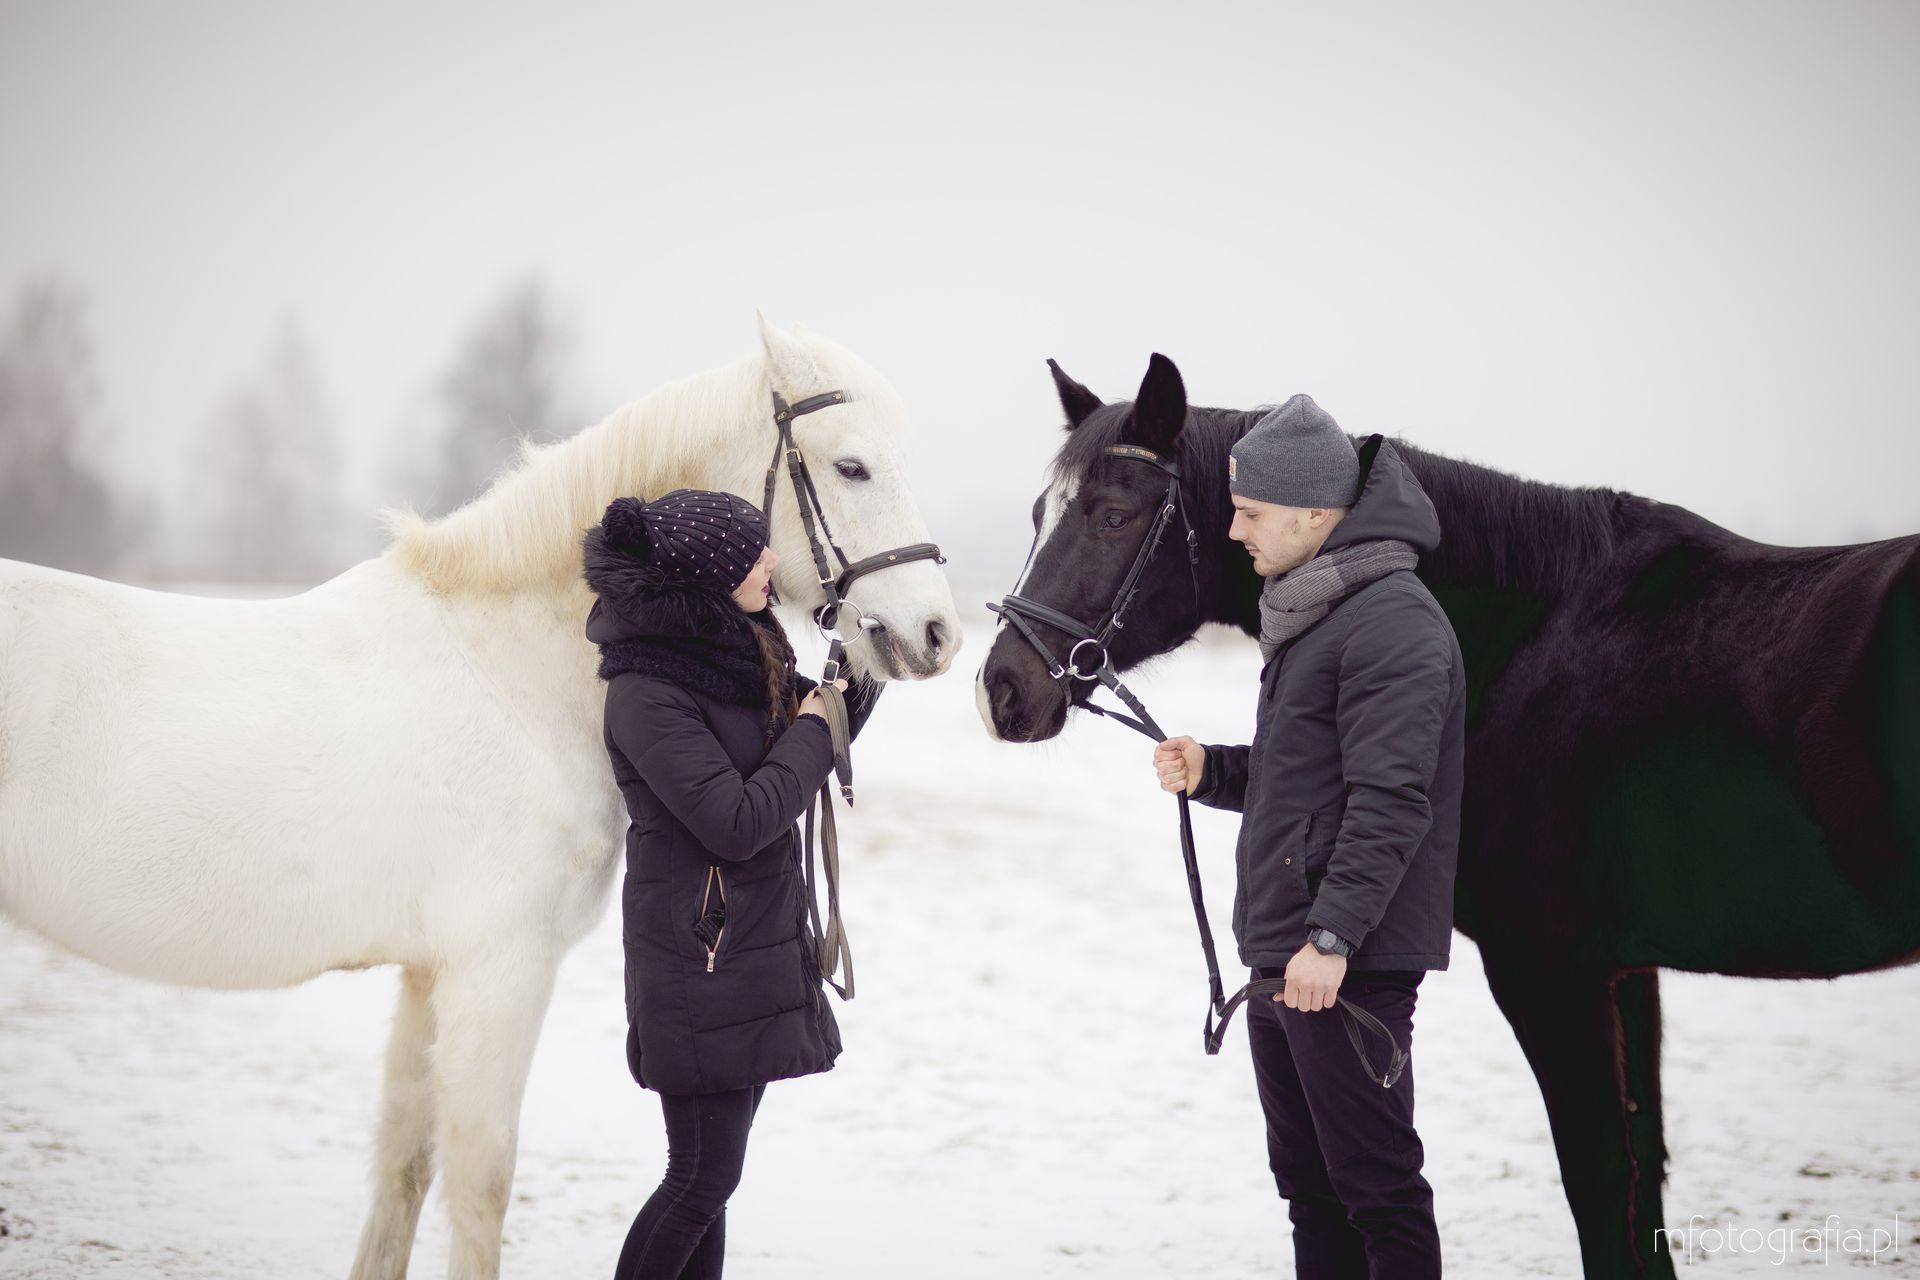 zimowa sesja z końmi na śniegu